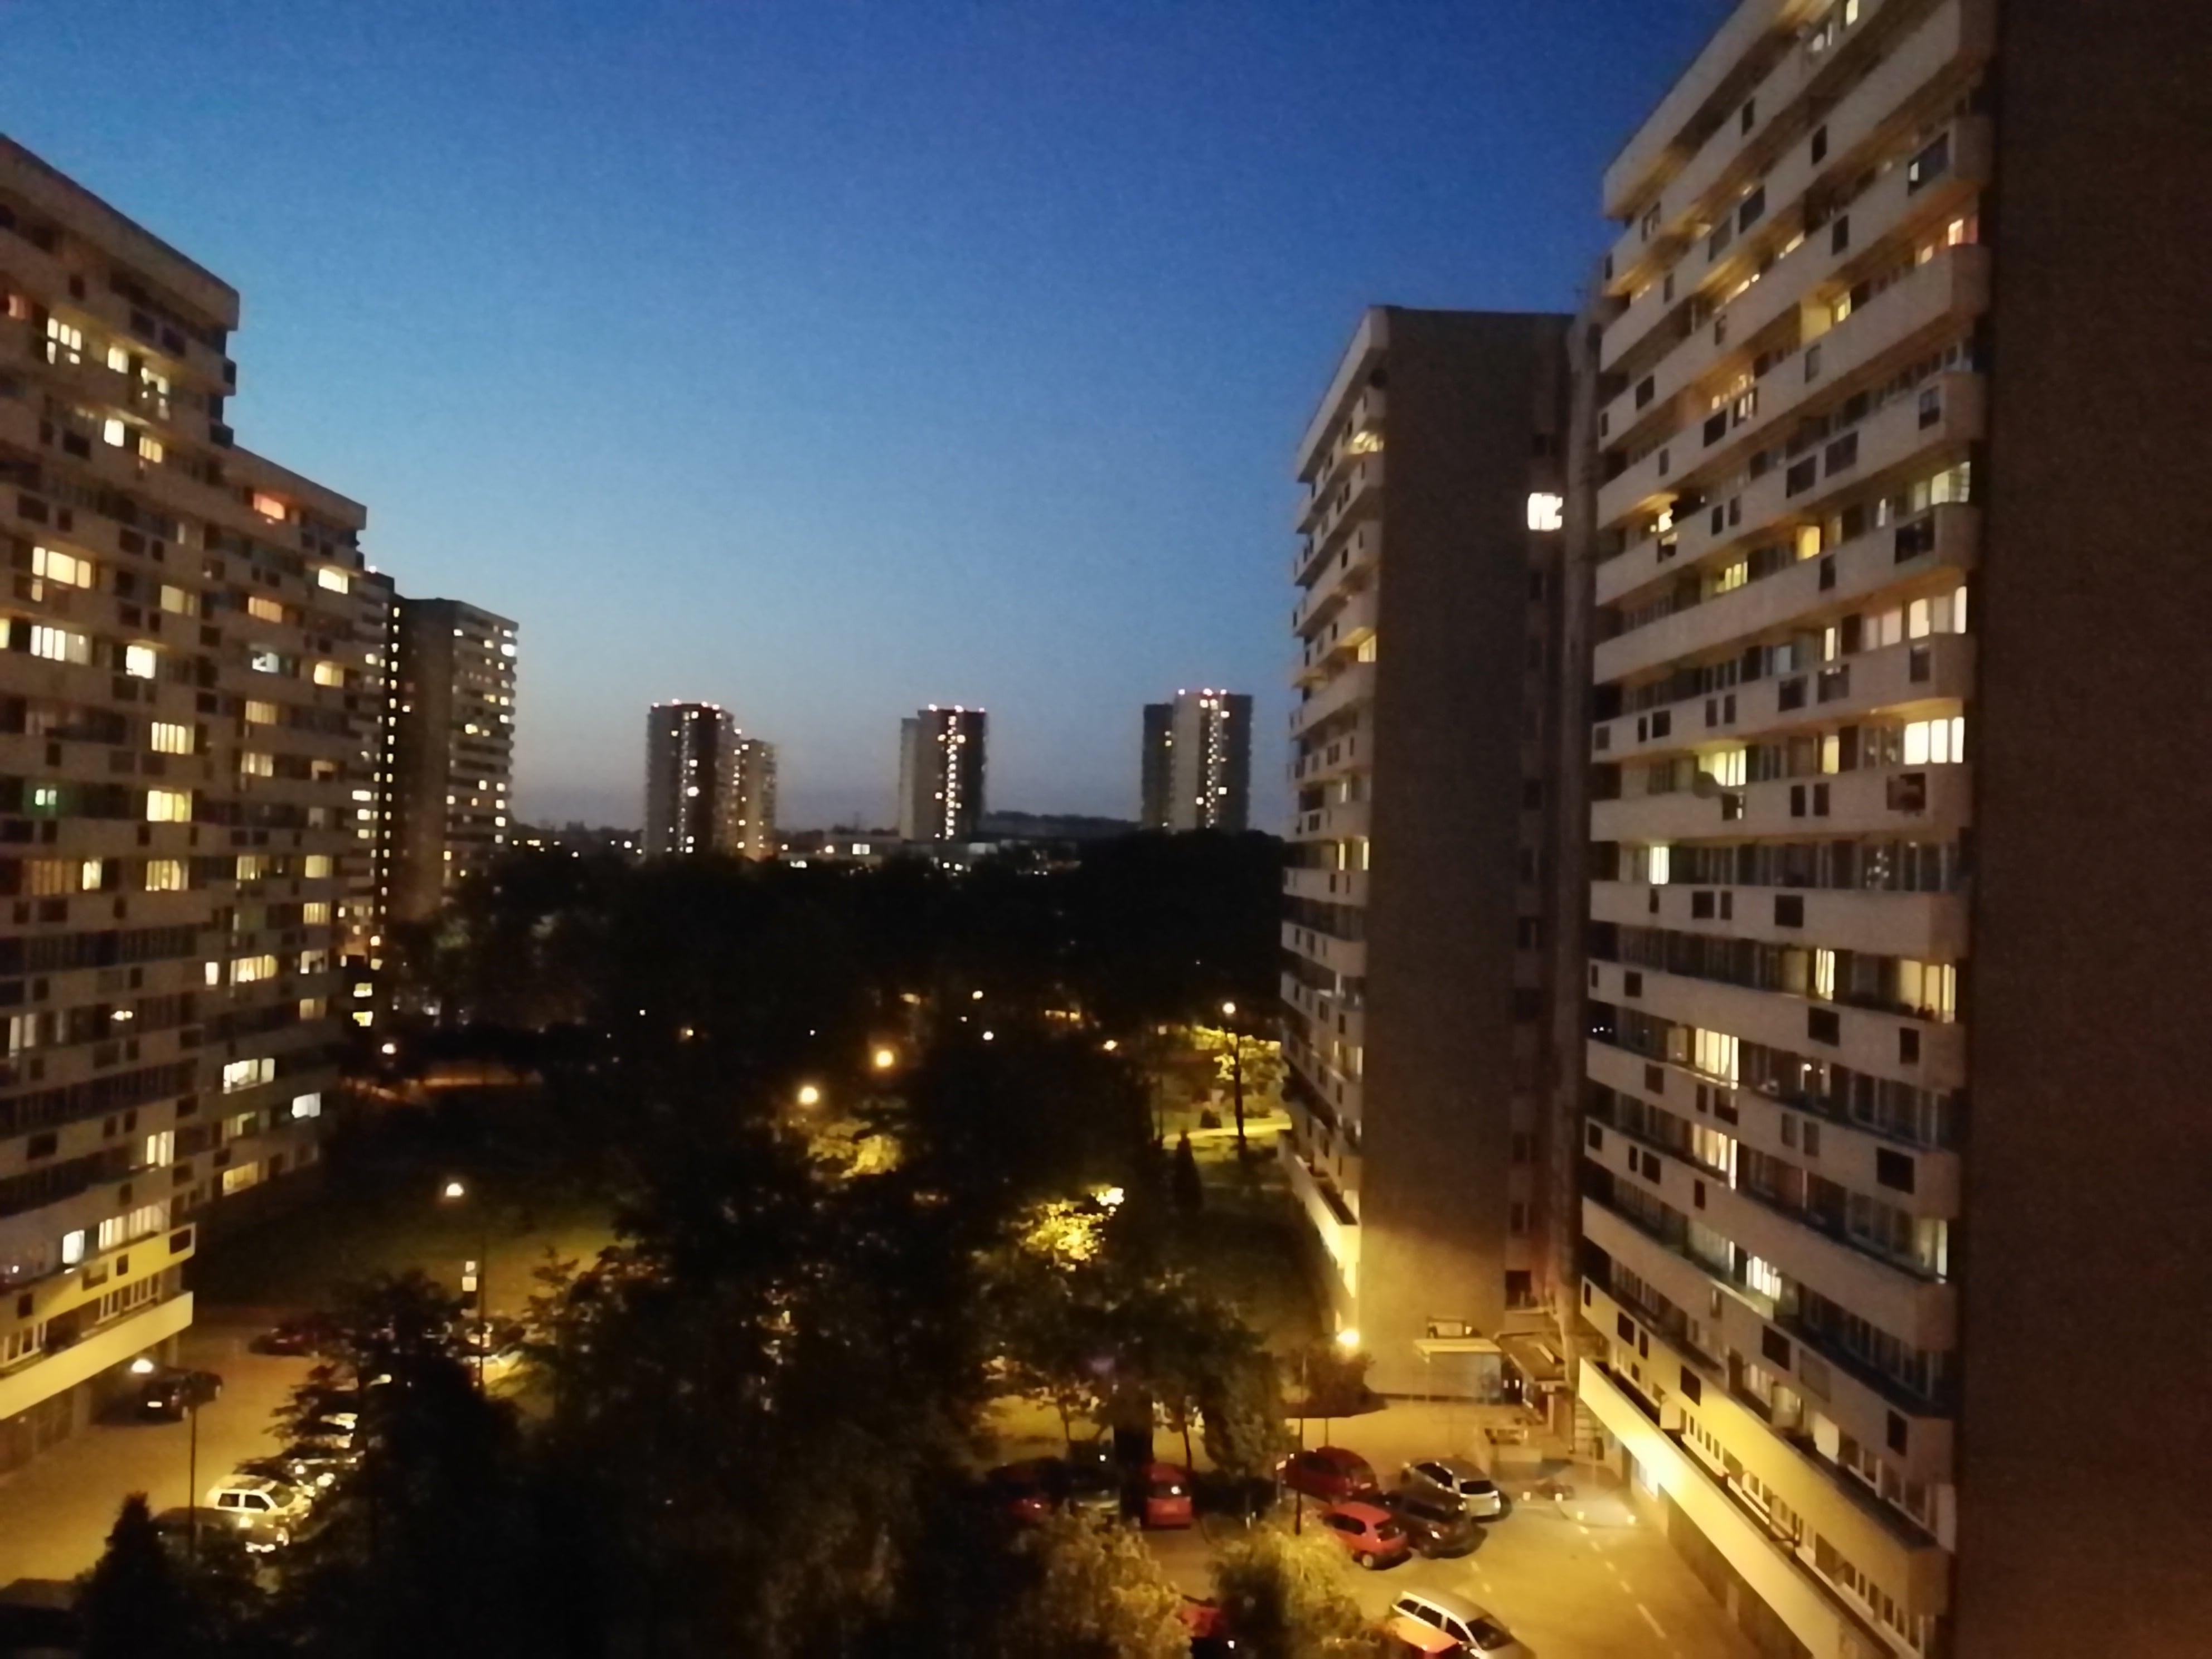 Zdjęcia nocne - Huawei P10